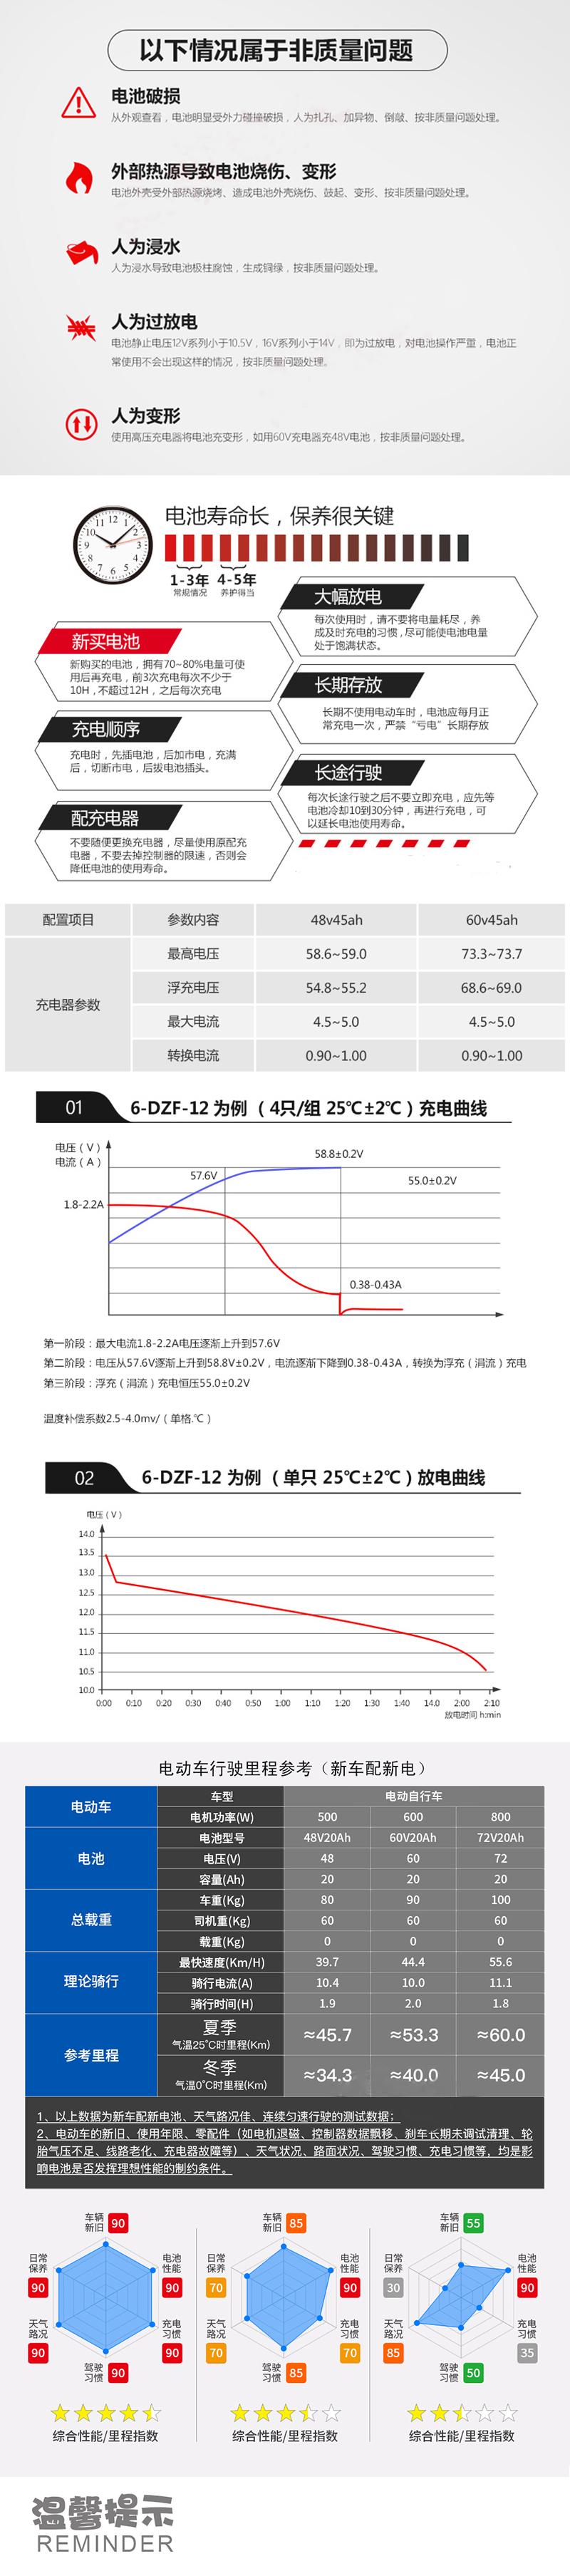 4万博官网APP48V52.jpg